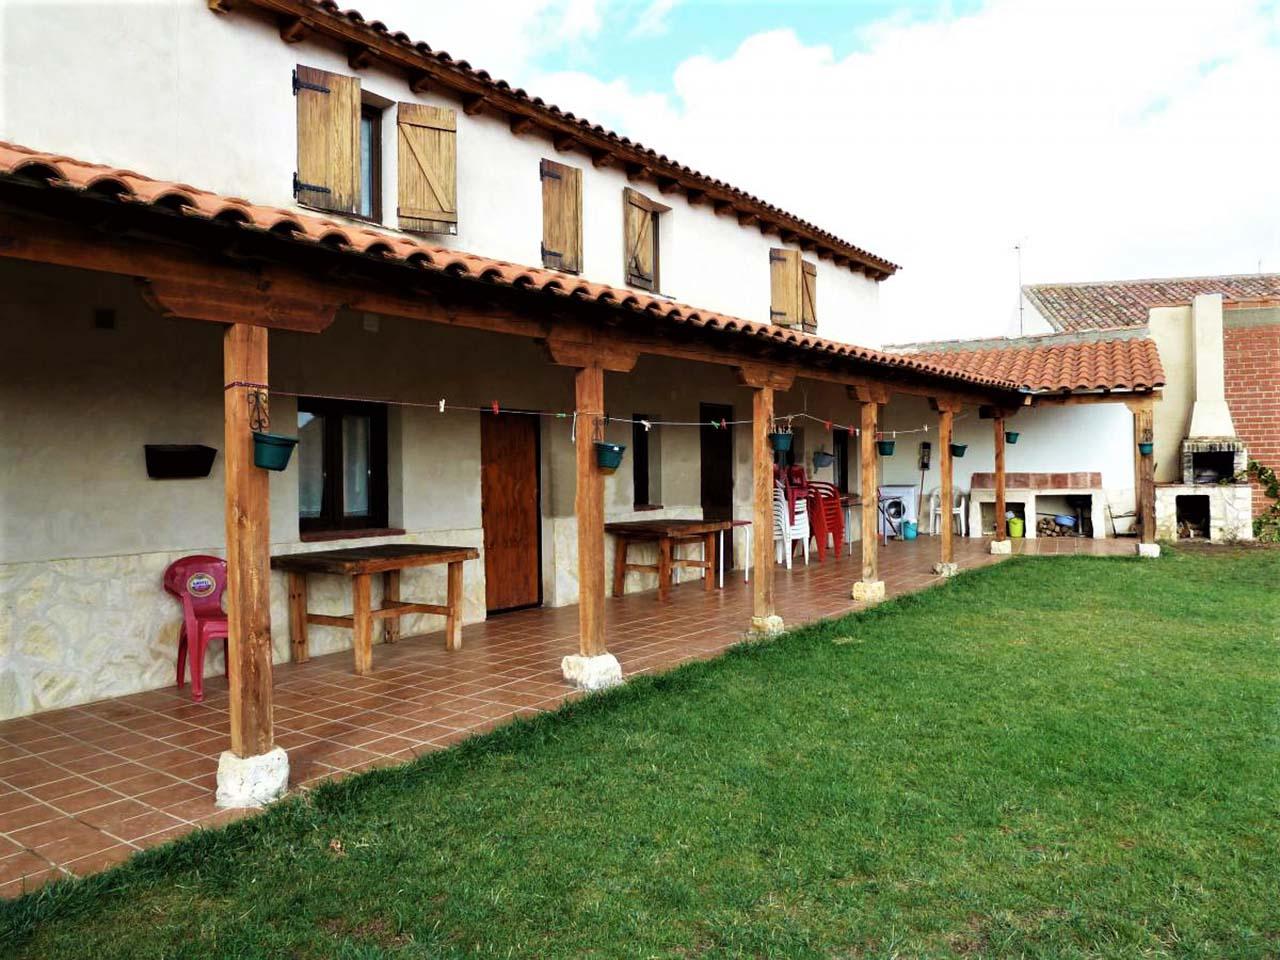 Albergue Don Camino, albergue para peregrinos y casa rural en el Camino de Santiago, Villalcazar de Sirga, Palencia